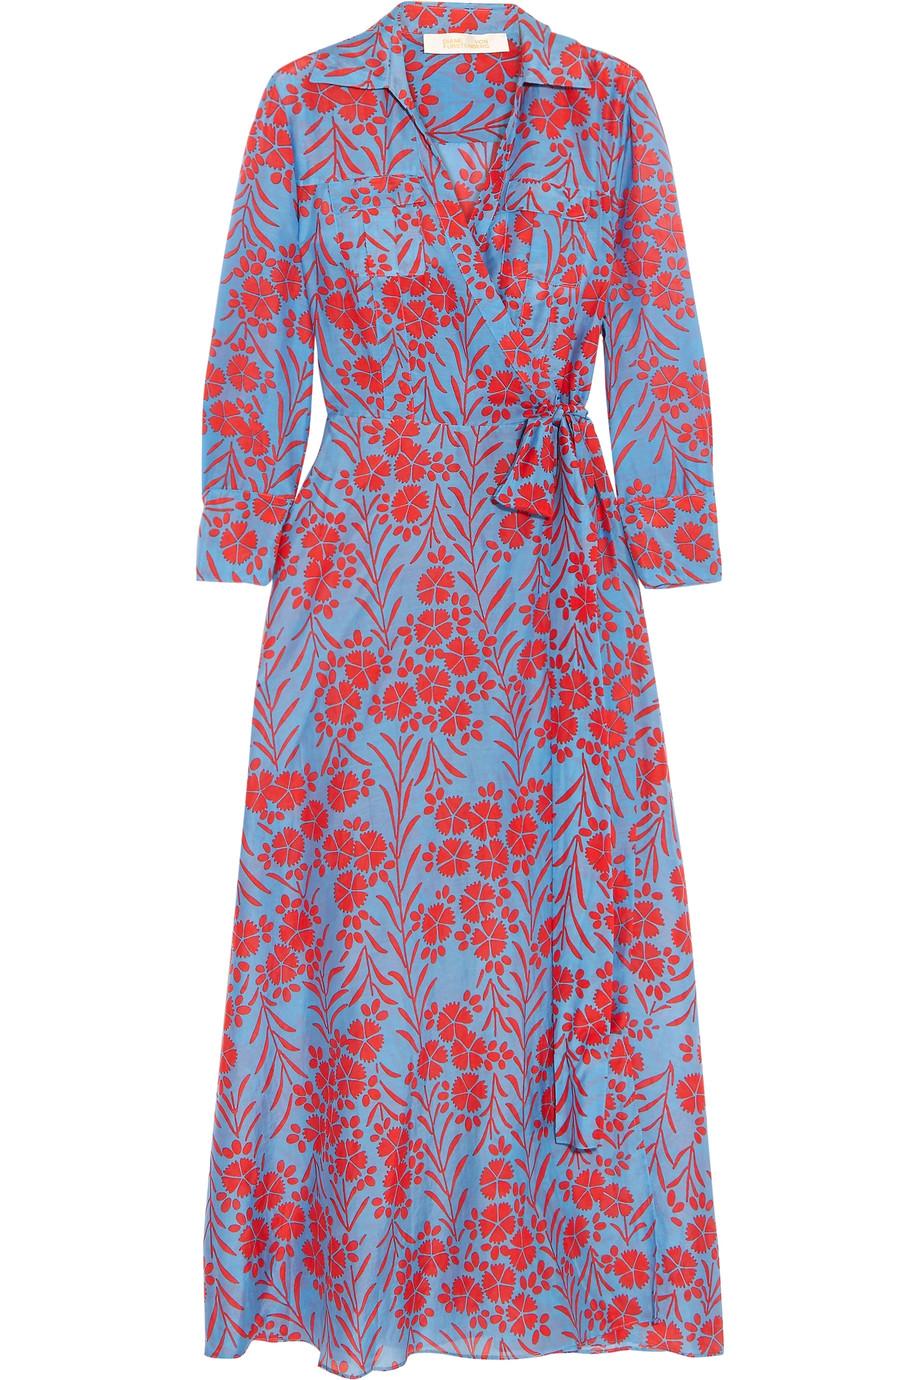 Diane Von Furstenberg , $270